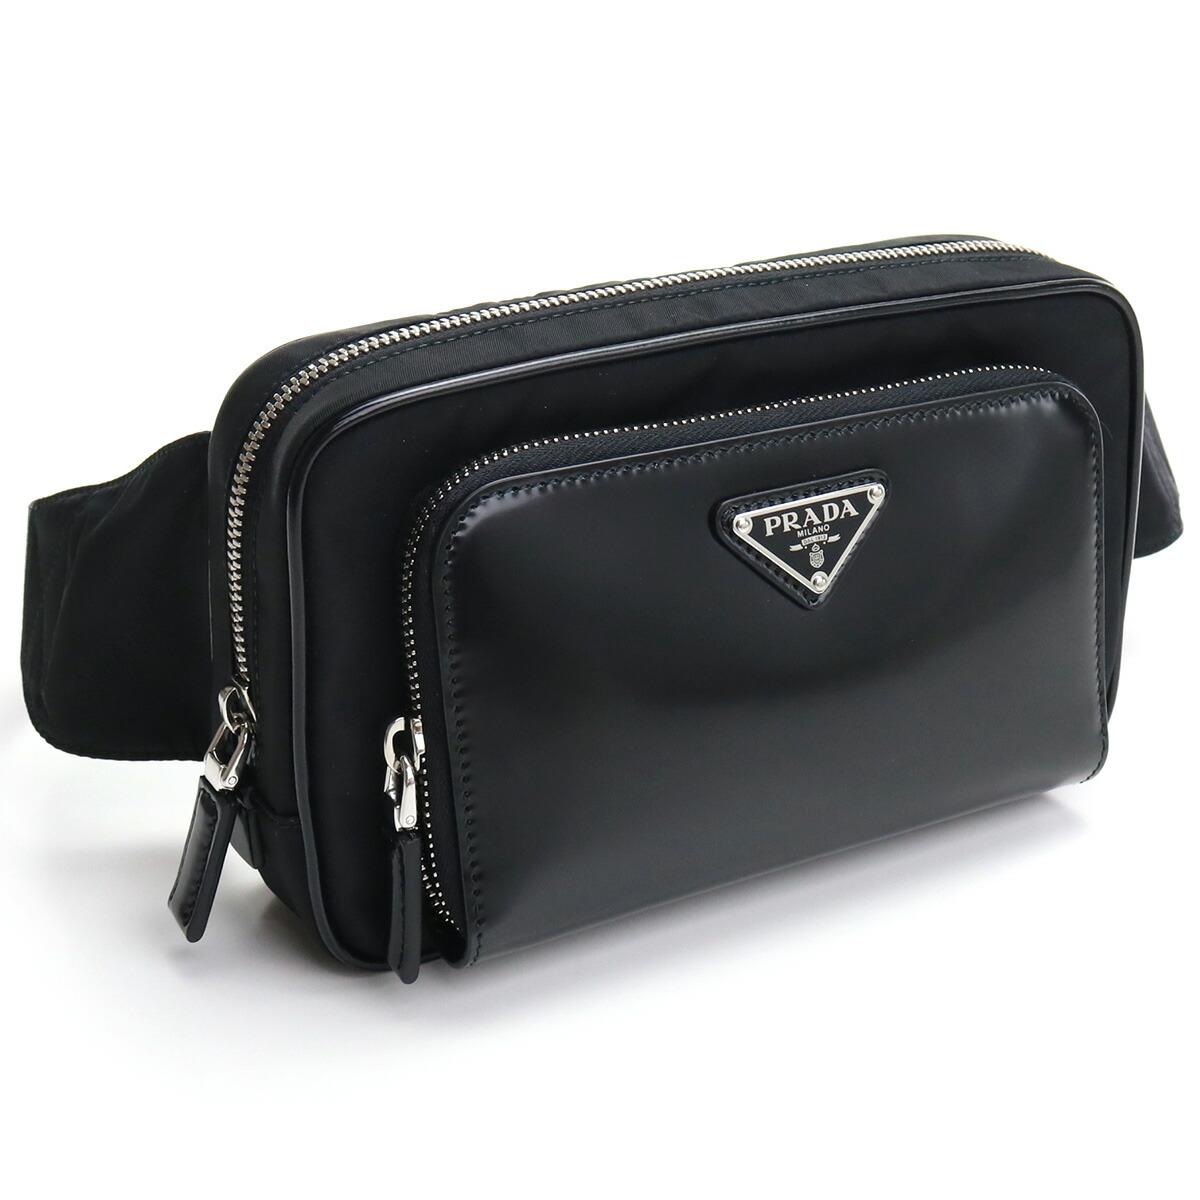 プラダ PRADA  ウエストバッグ 2VL977 789 V WOT F0002 NERO ブラック bos-08 bag-01